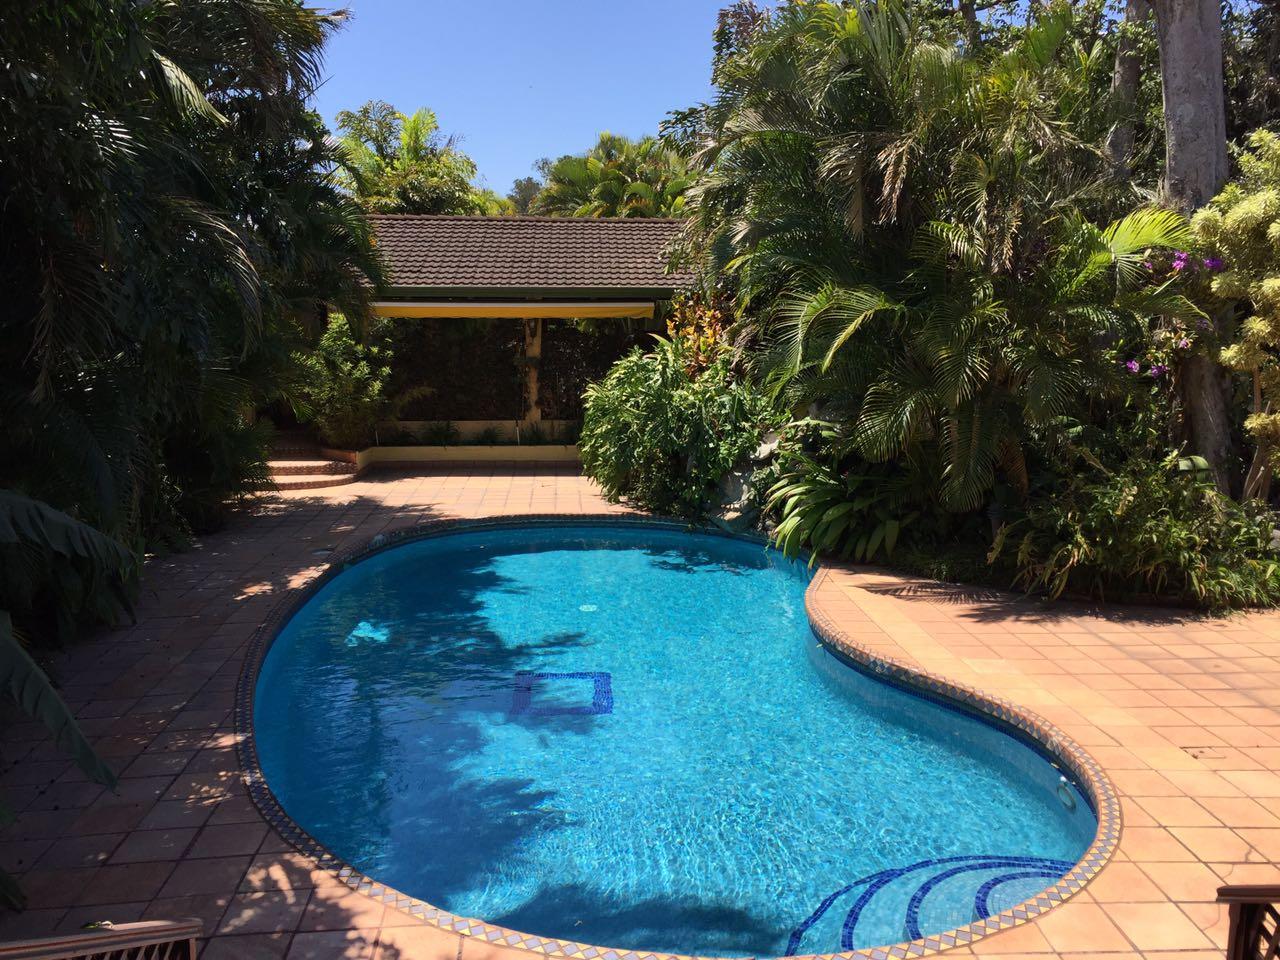 Luxusyachten mit pool  Zu Mieten, Haus mit Pool bei San Rafael de Escazú-Bello Horizonte ...